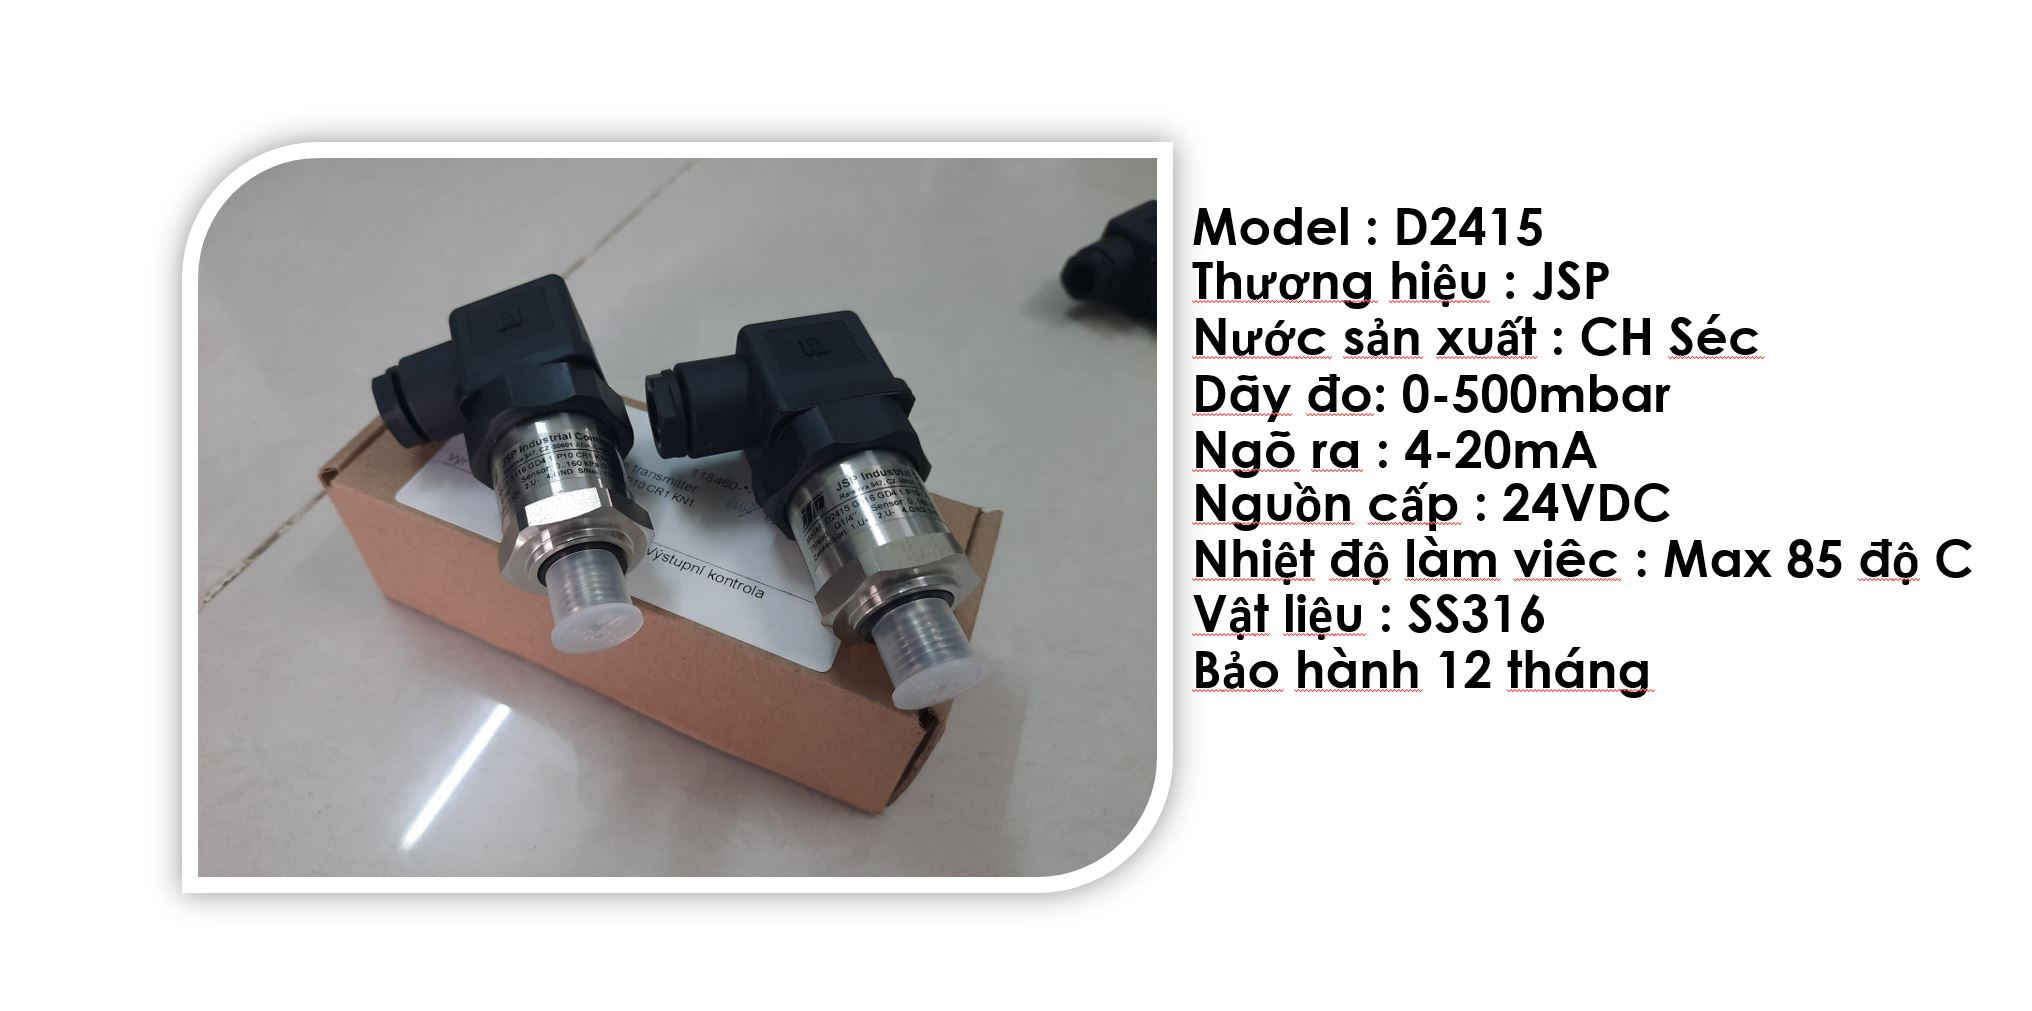 Thông tin kỹ thuật bộ D2415